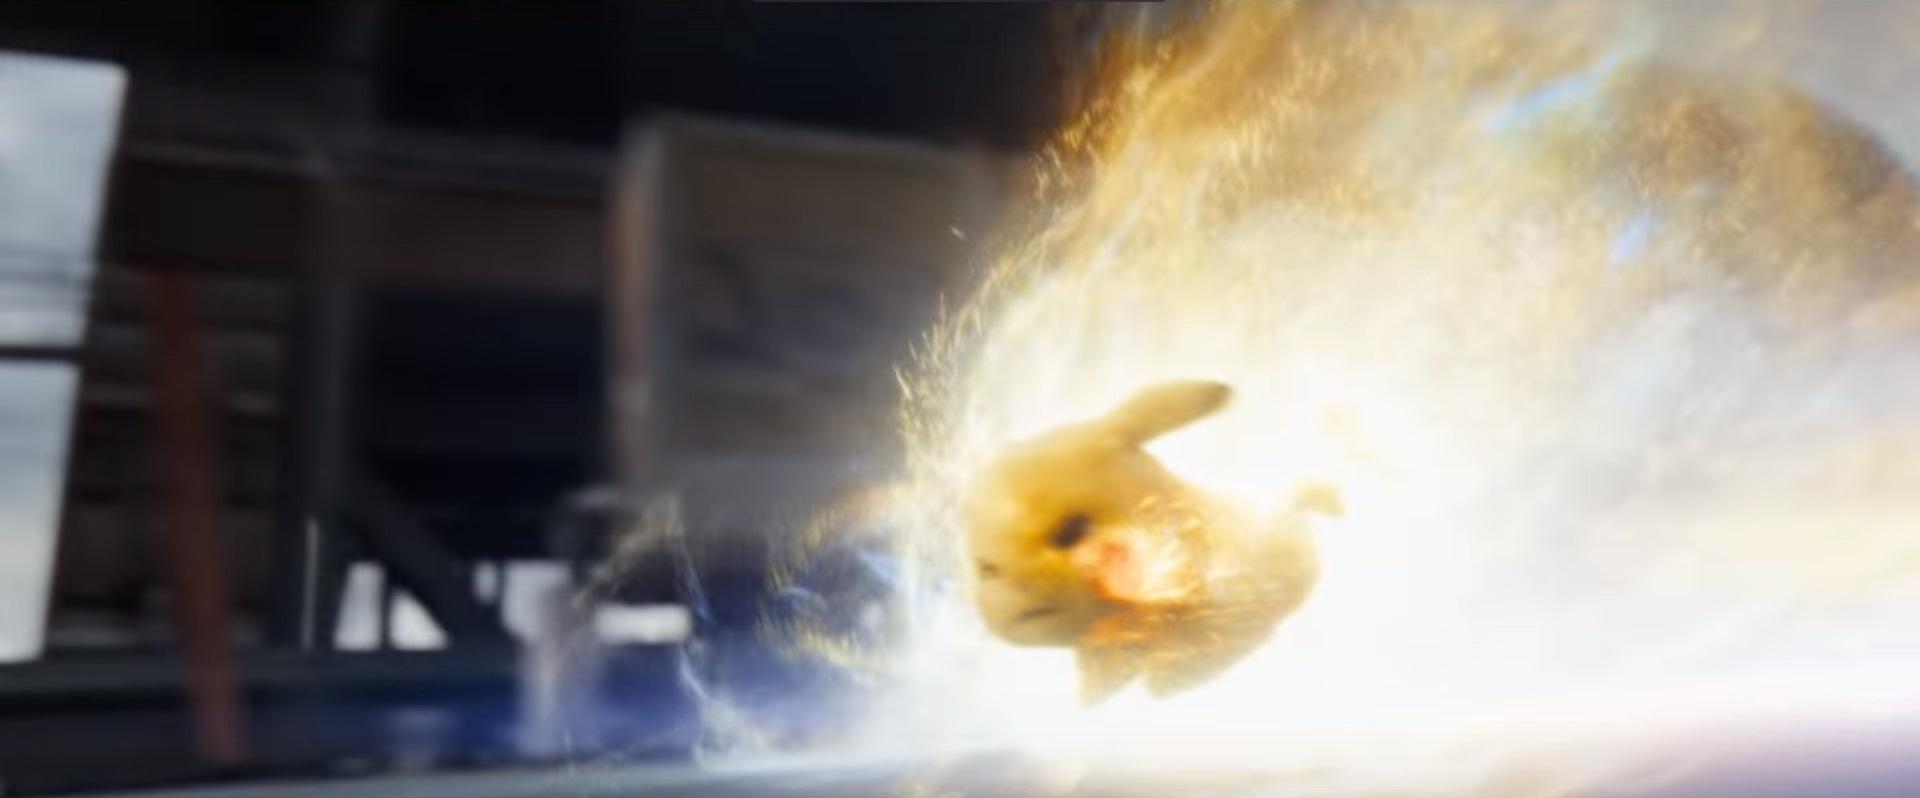 POKÉMON Detective Pikachu -- Live Action Pokémon Movie (May